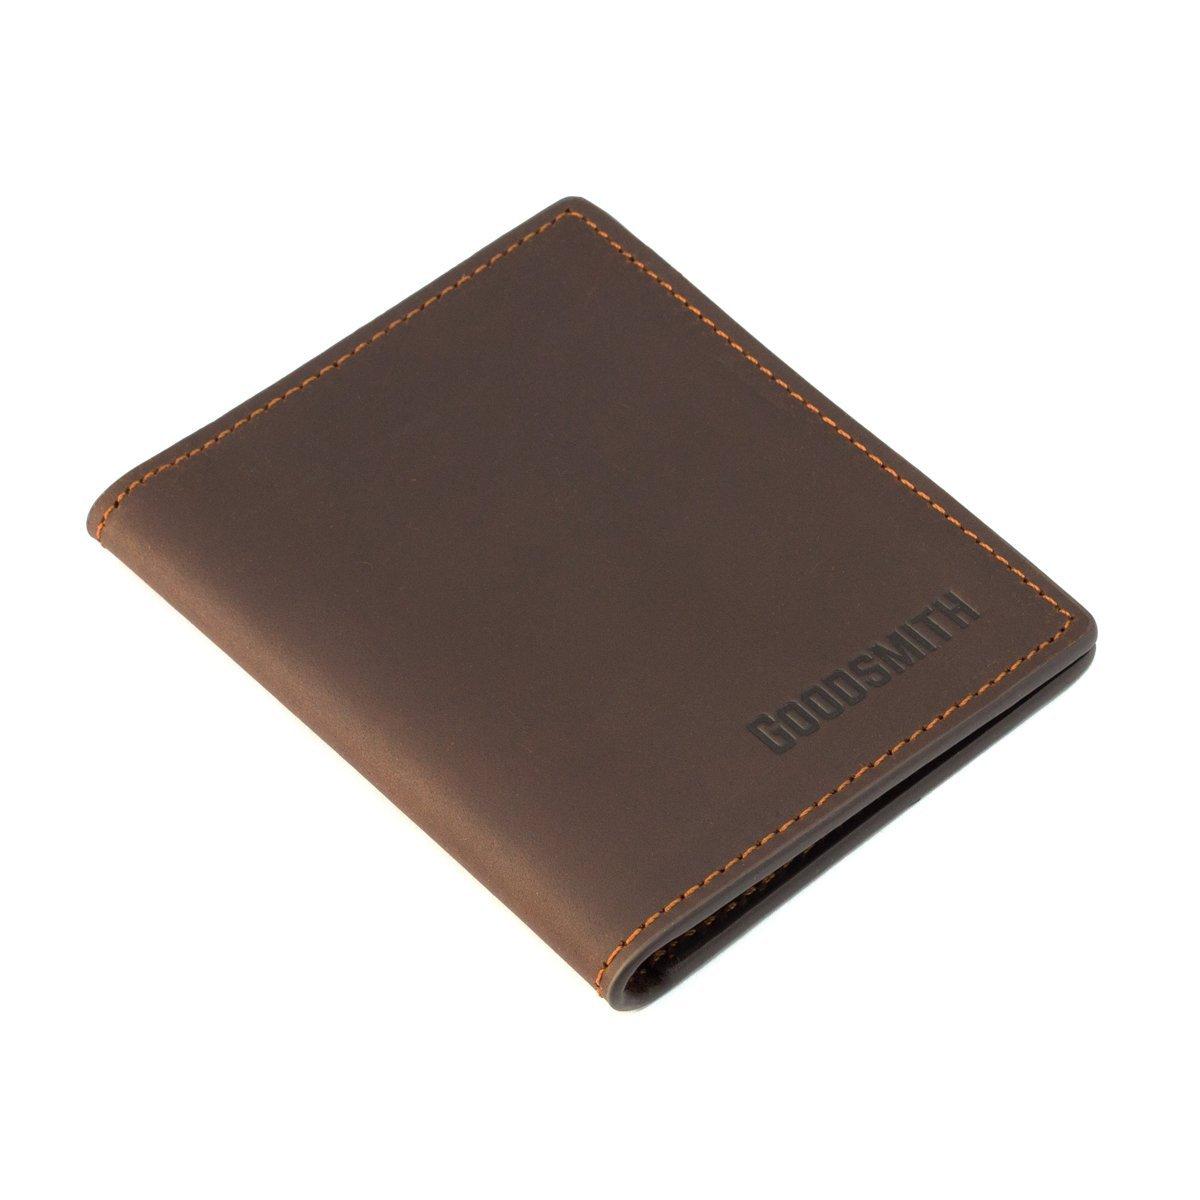 1da6f37f1133d Leder Mini Geldbeutel von Goodsmith - Kleines Portmonnaie